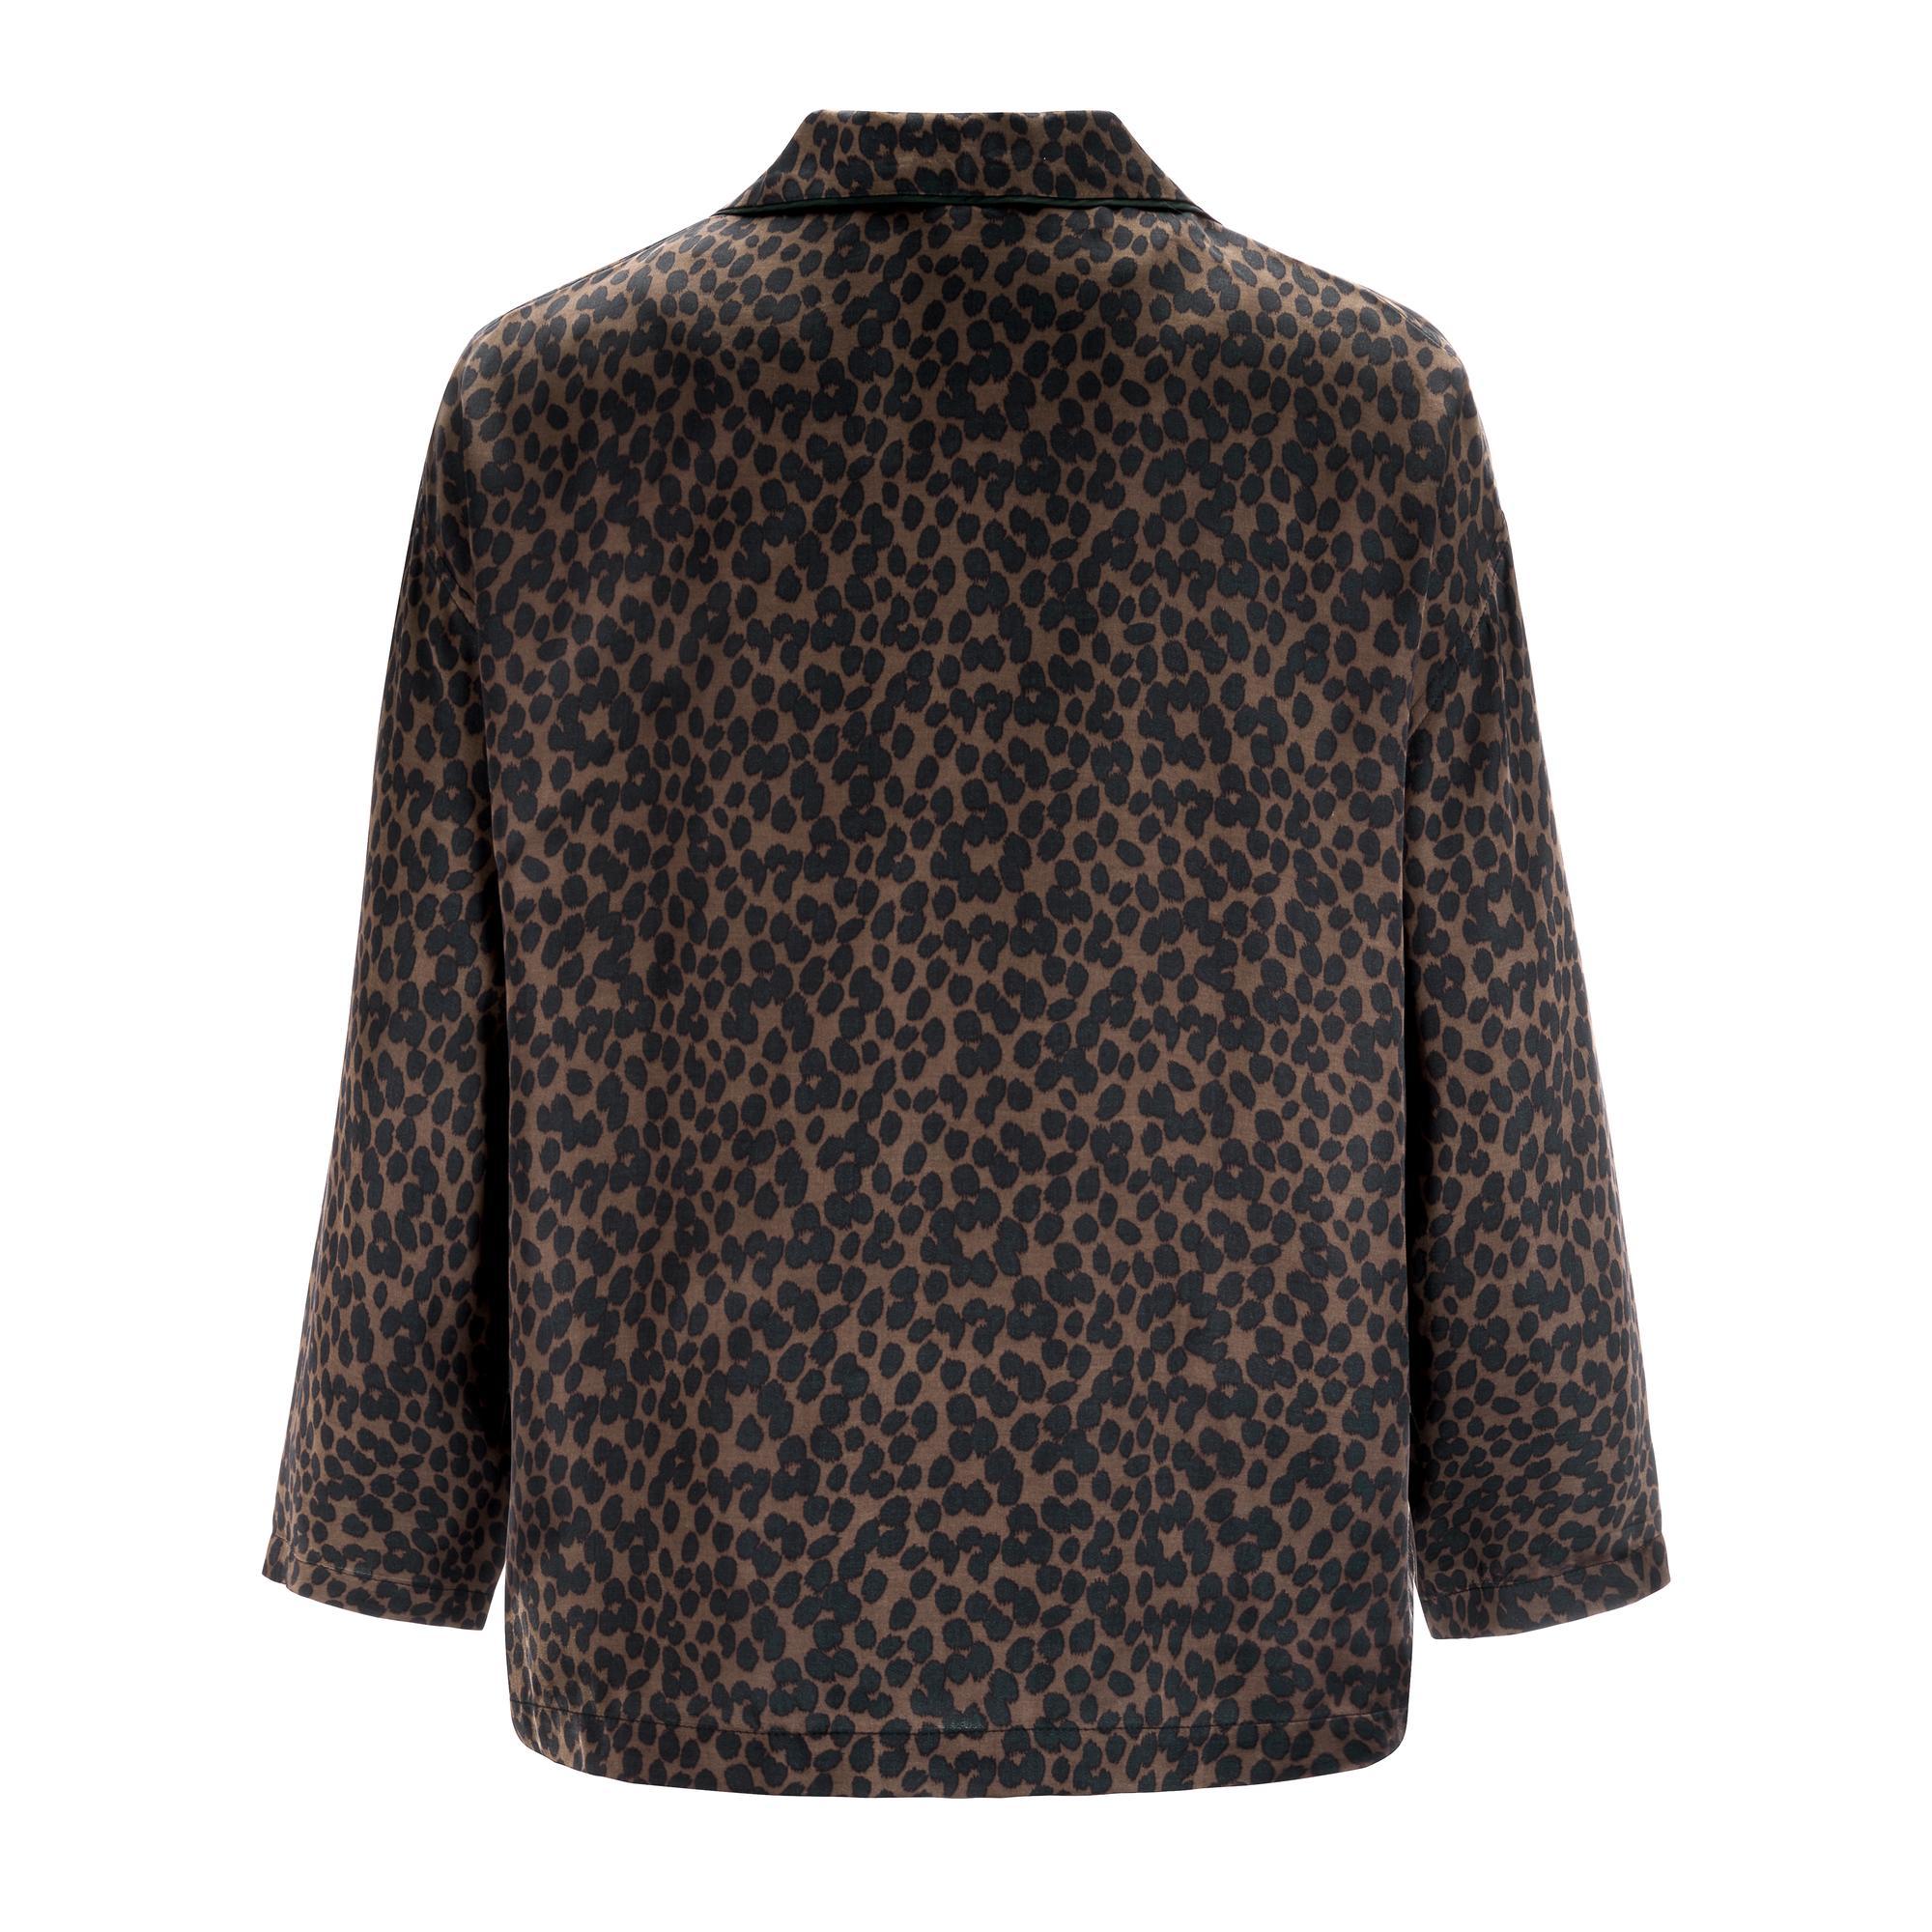 Miękka koszula zapinana na perłowe guziki. Wykonana z satynowej wiskozy pozwala skórze oddychać nocą. Świetnie sprawdzi się podczas wizyty gości lub w drodze po poranną kawę. Stanowi komplet ze spodniami Ivan. Skład - 100% wiskoza Modelka ma 178 cm wzrostu i nosi rozmiar IT 40 (S) Wyprodukowane w Polsce